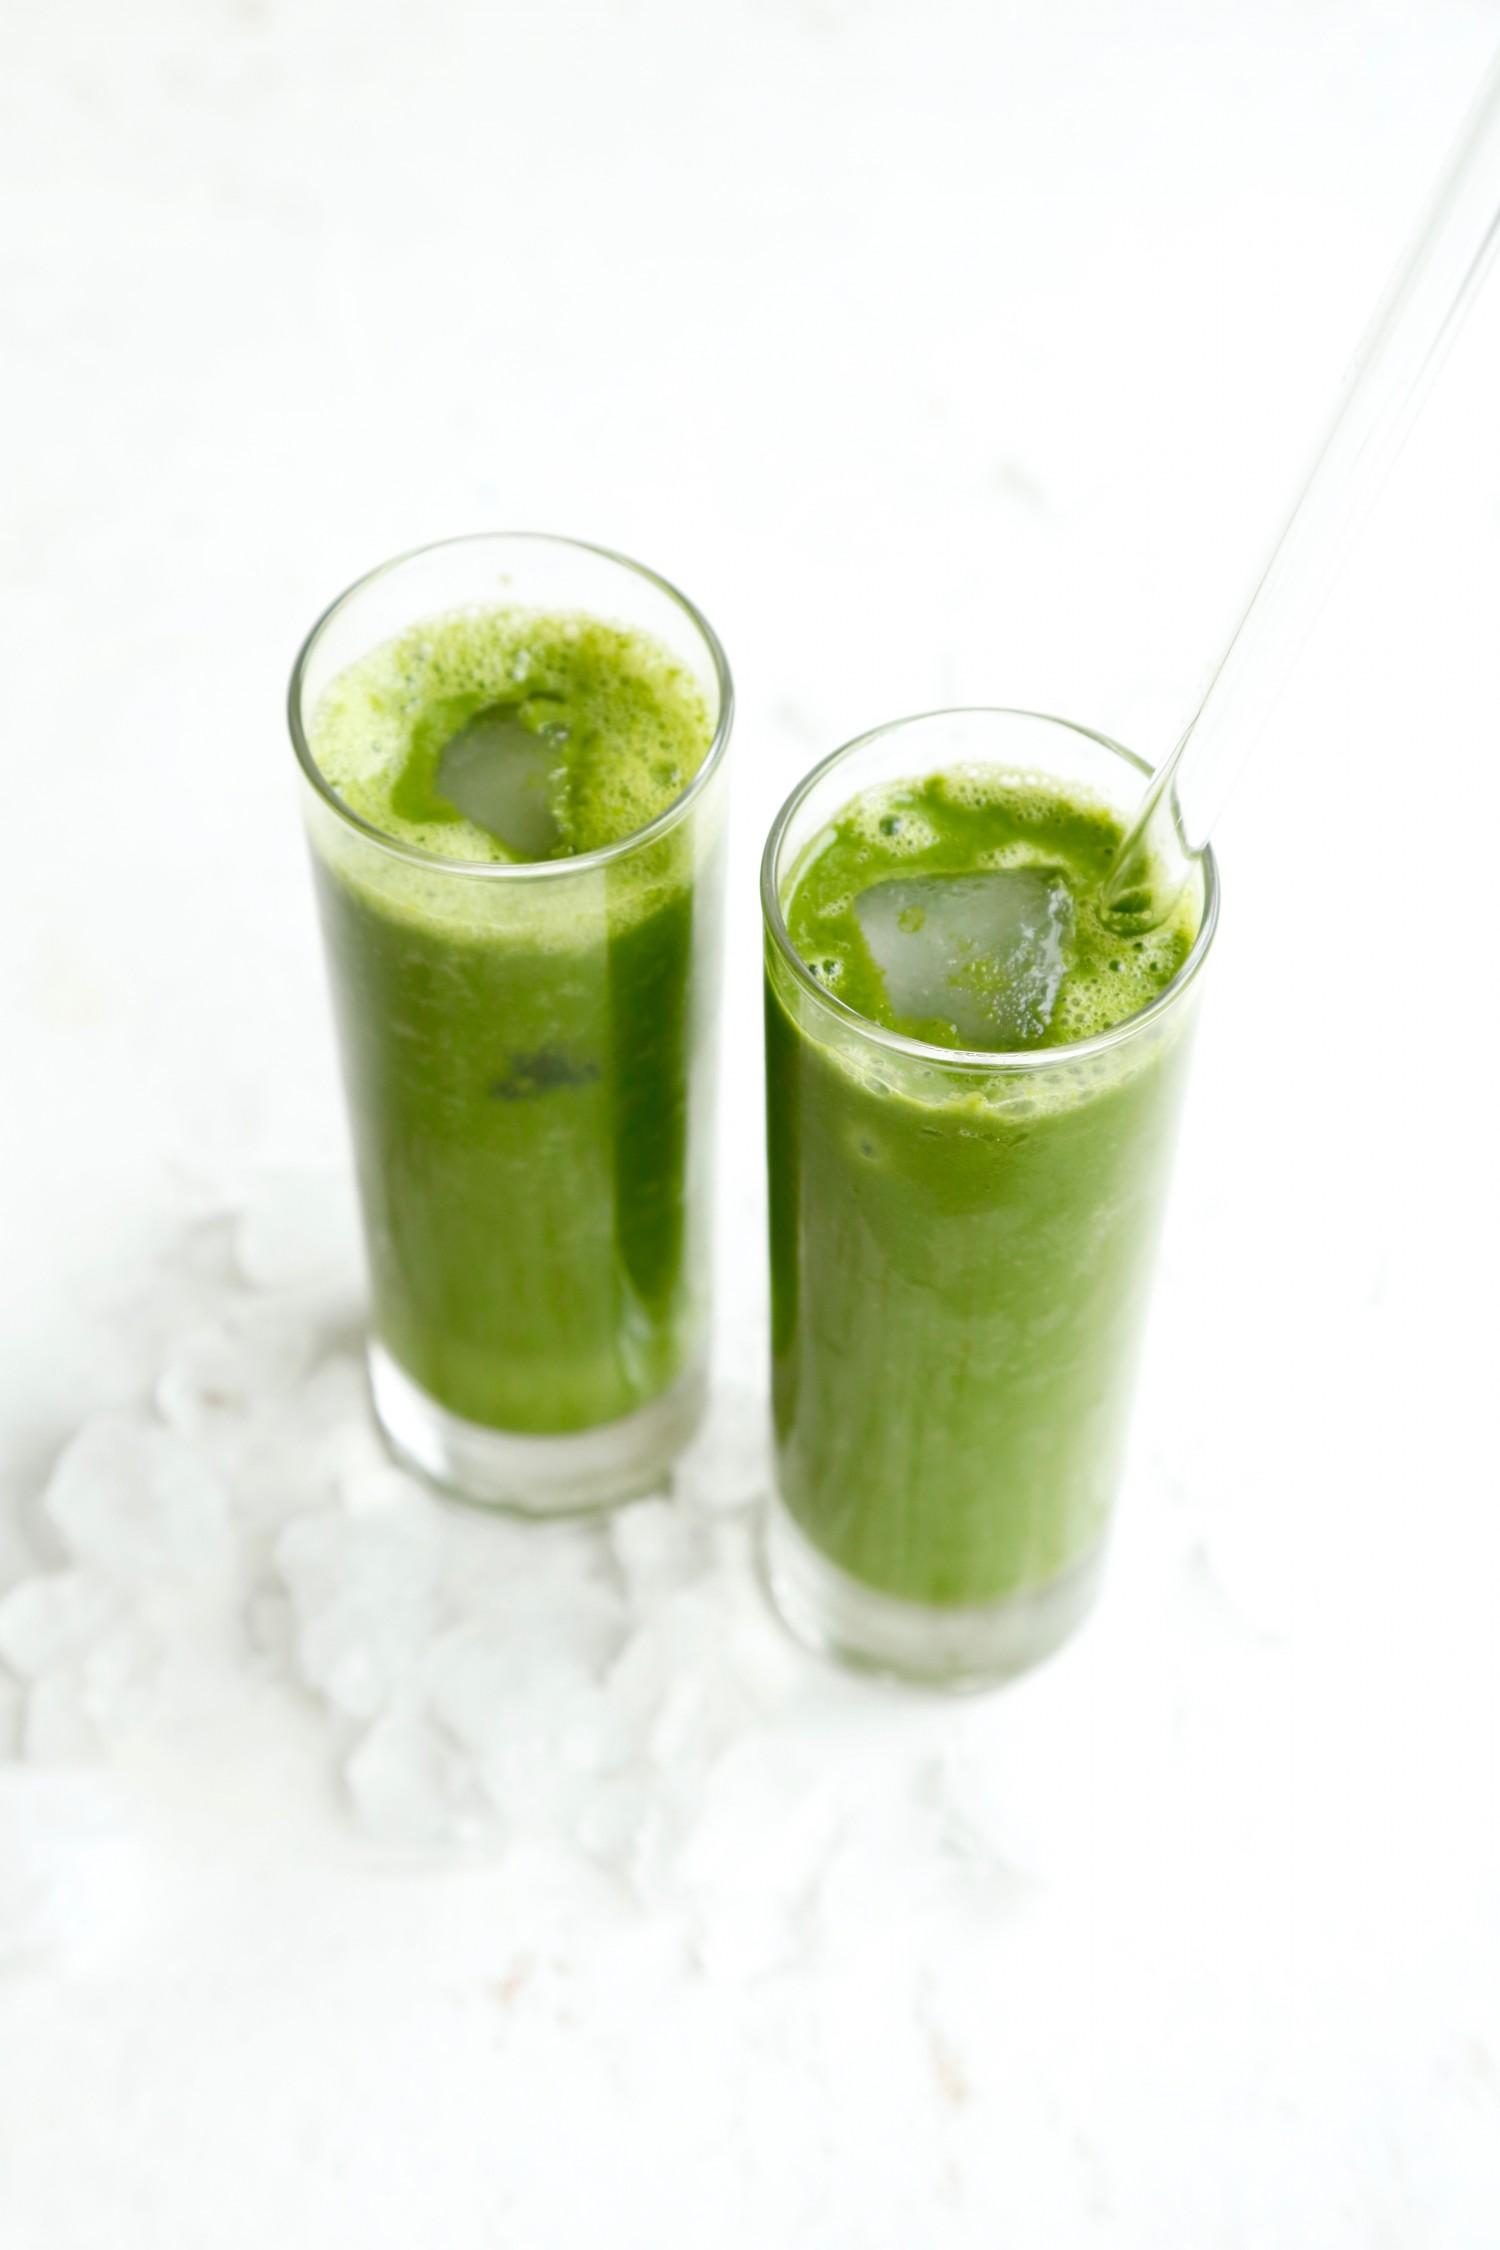 opskrift-iste-med-matcha-moeder-greenie-1-2